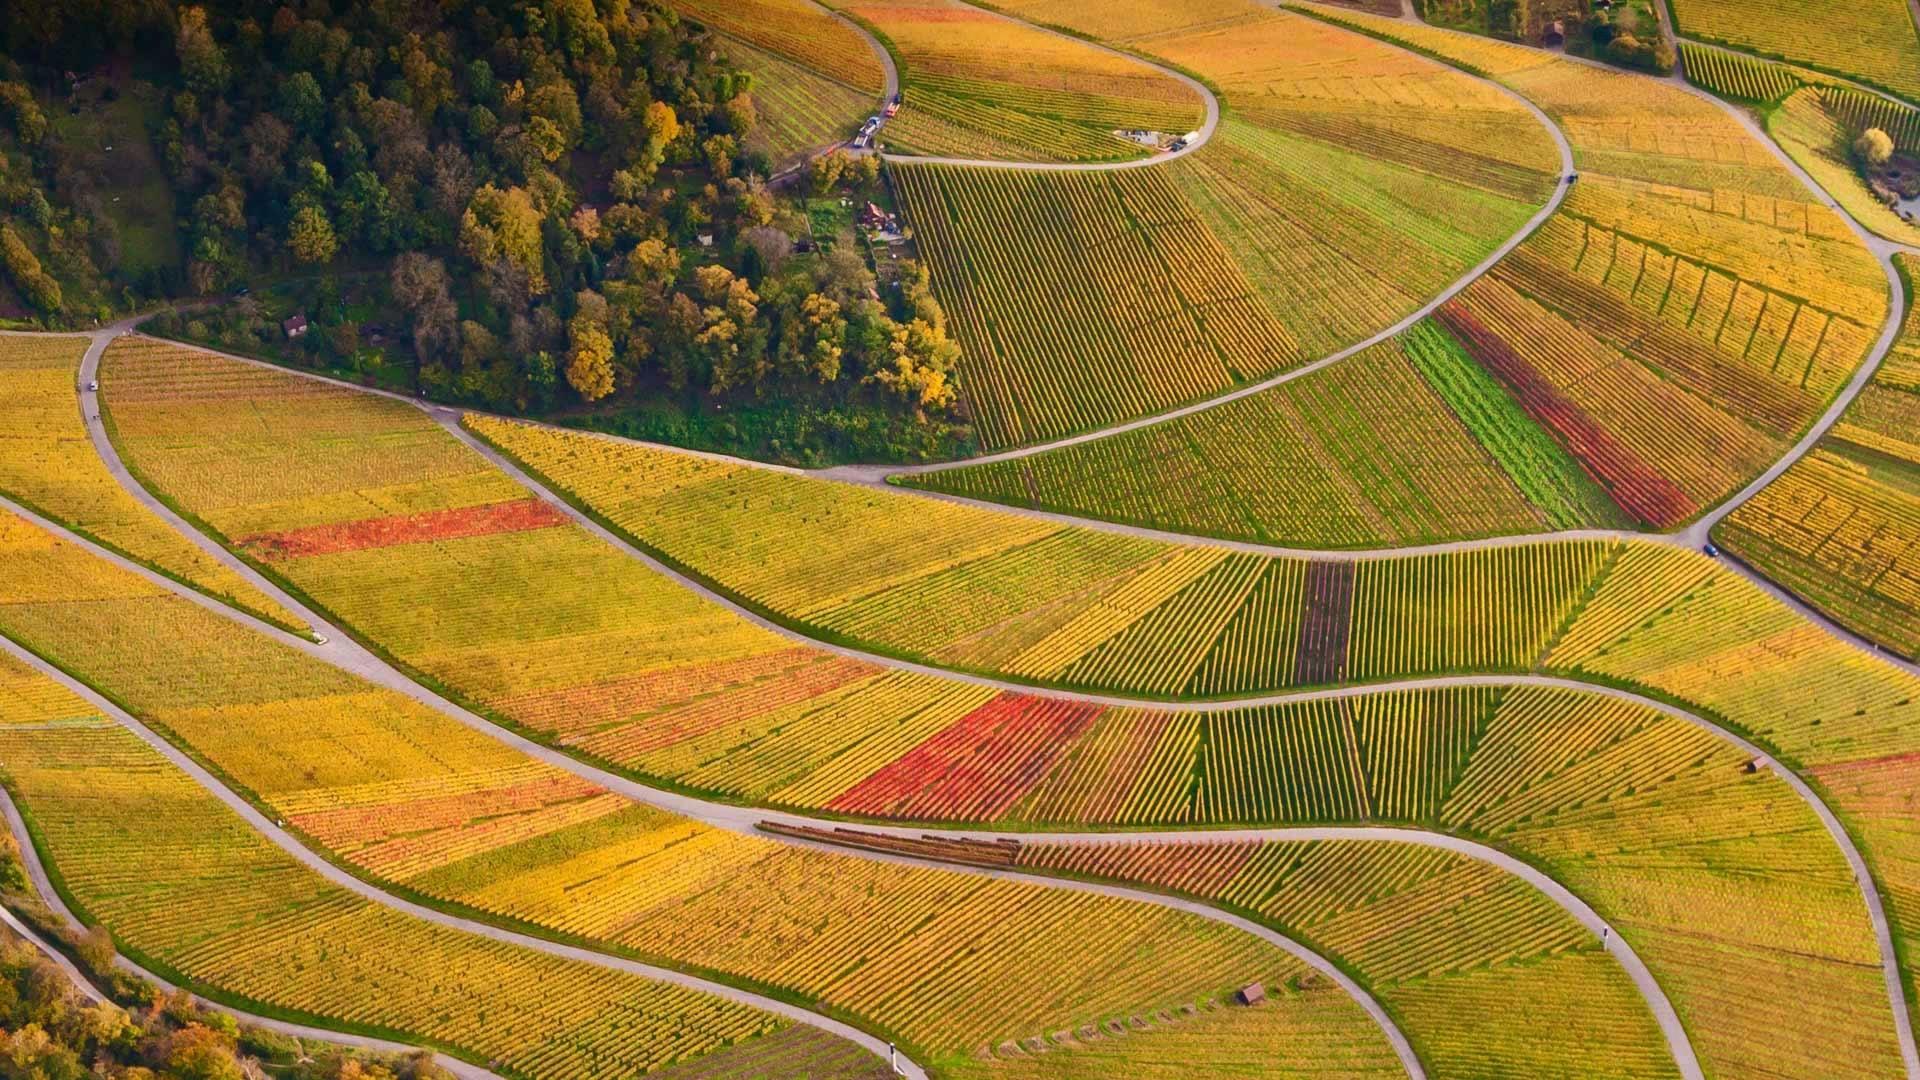 壁紙 ドイツ バーデン ヴュルテンベルク州 樹木 ブドウ畑 美しい